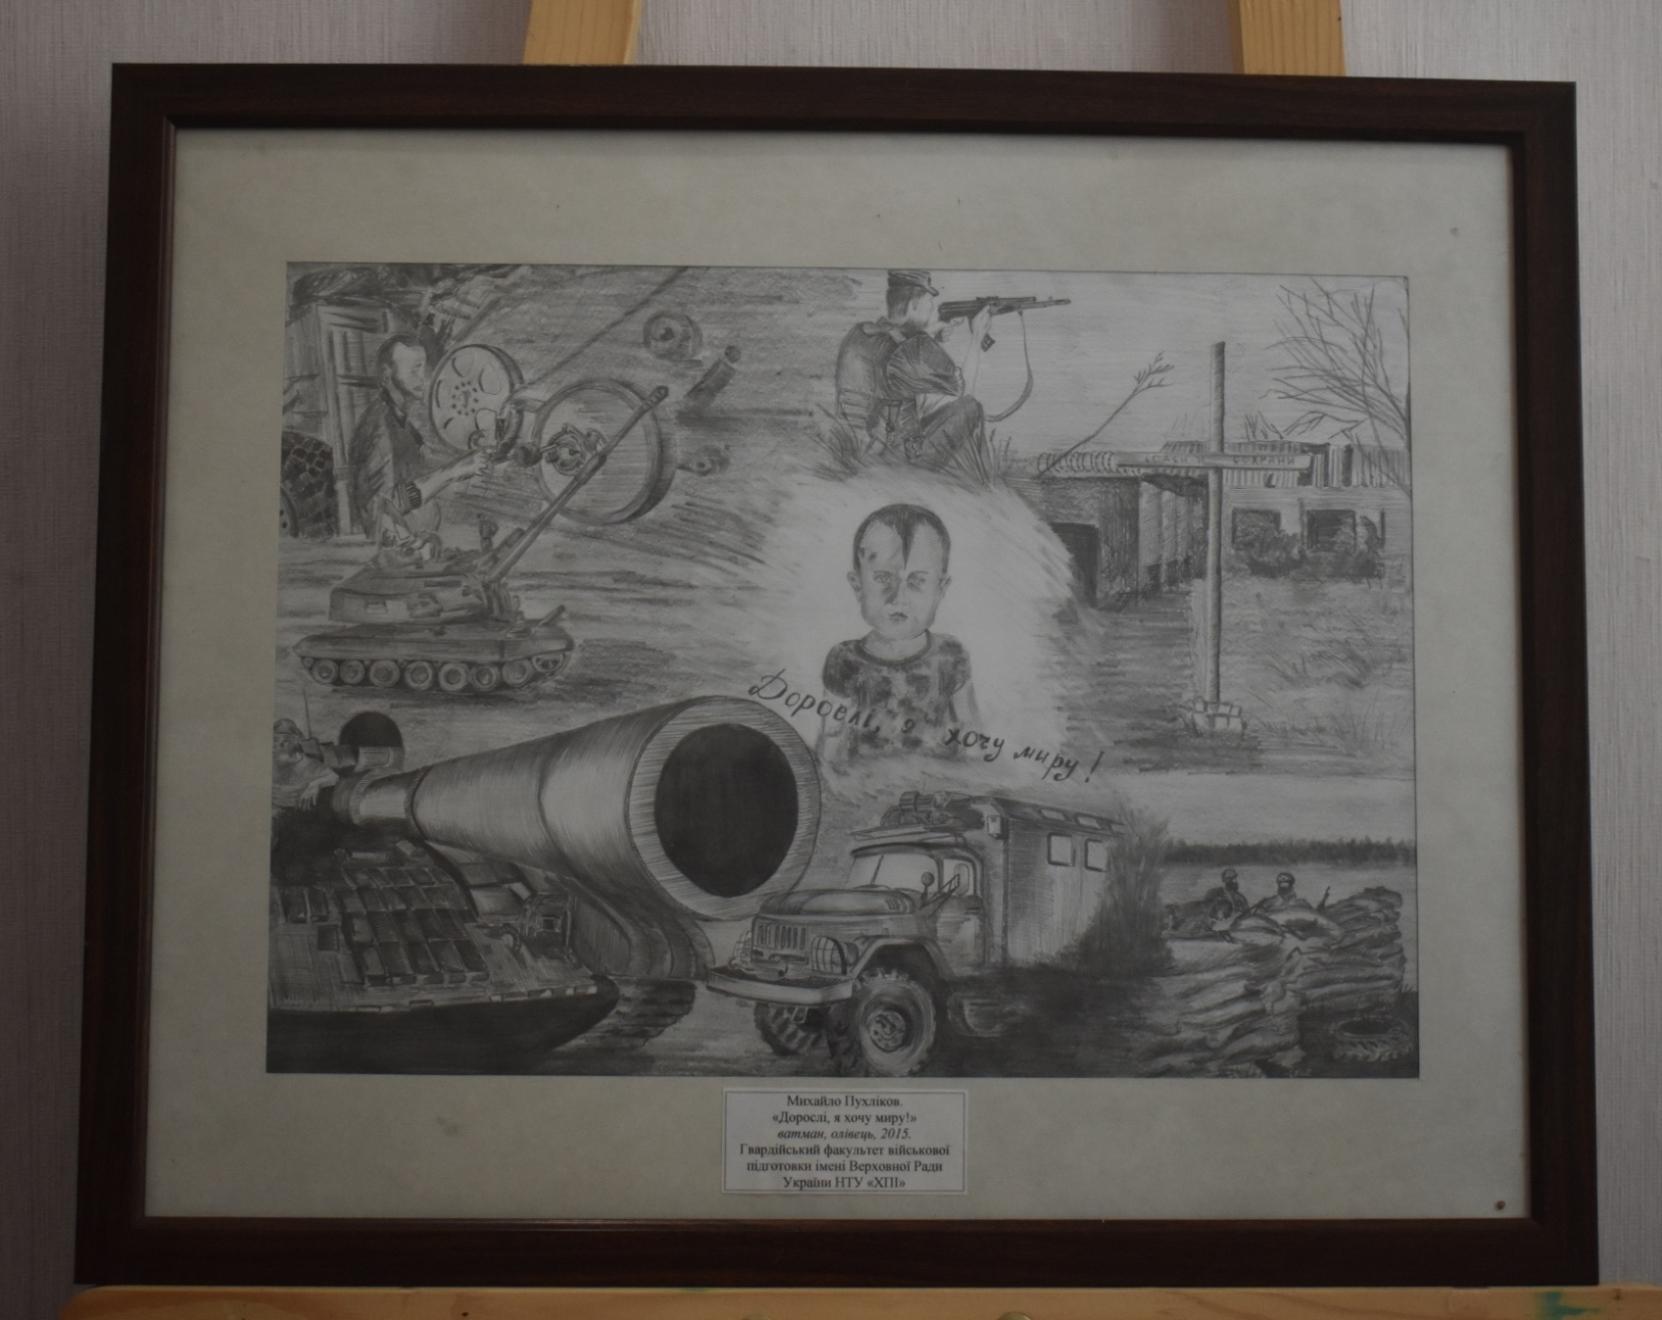 """Мистецтво. Графіка. Малюнок Михайла Пухліков """"Дорослі, я хочу миру!"""""""